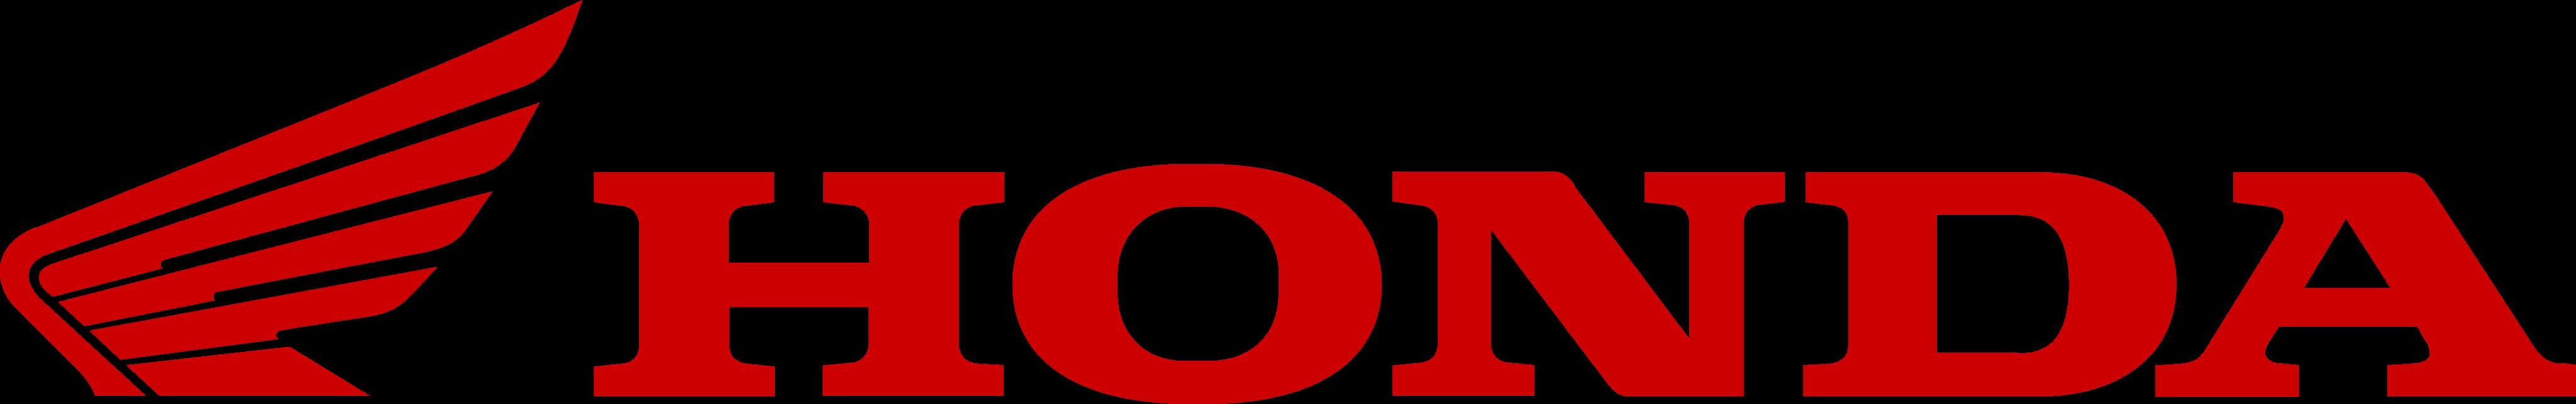 honda motos logo 1 - Honda Motos Logo